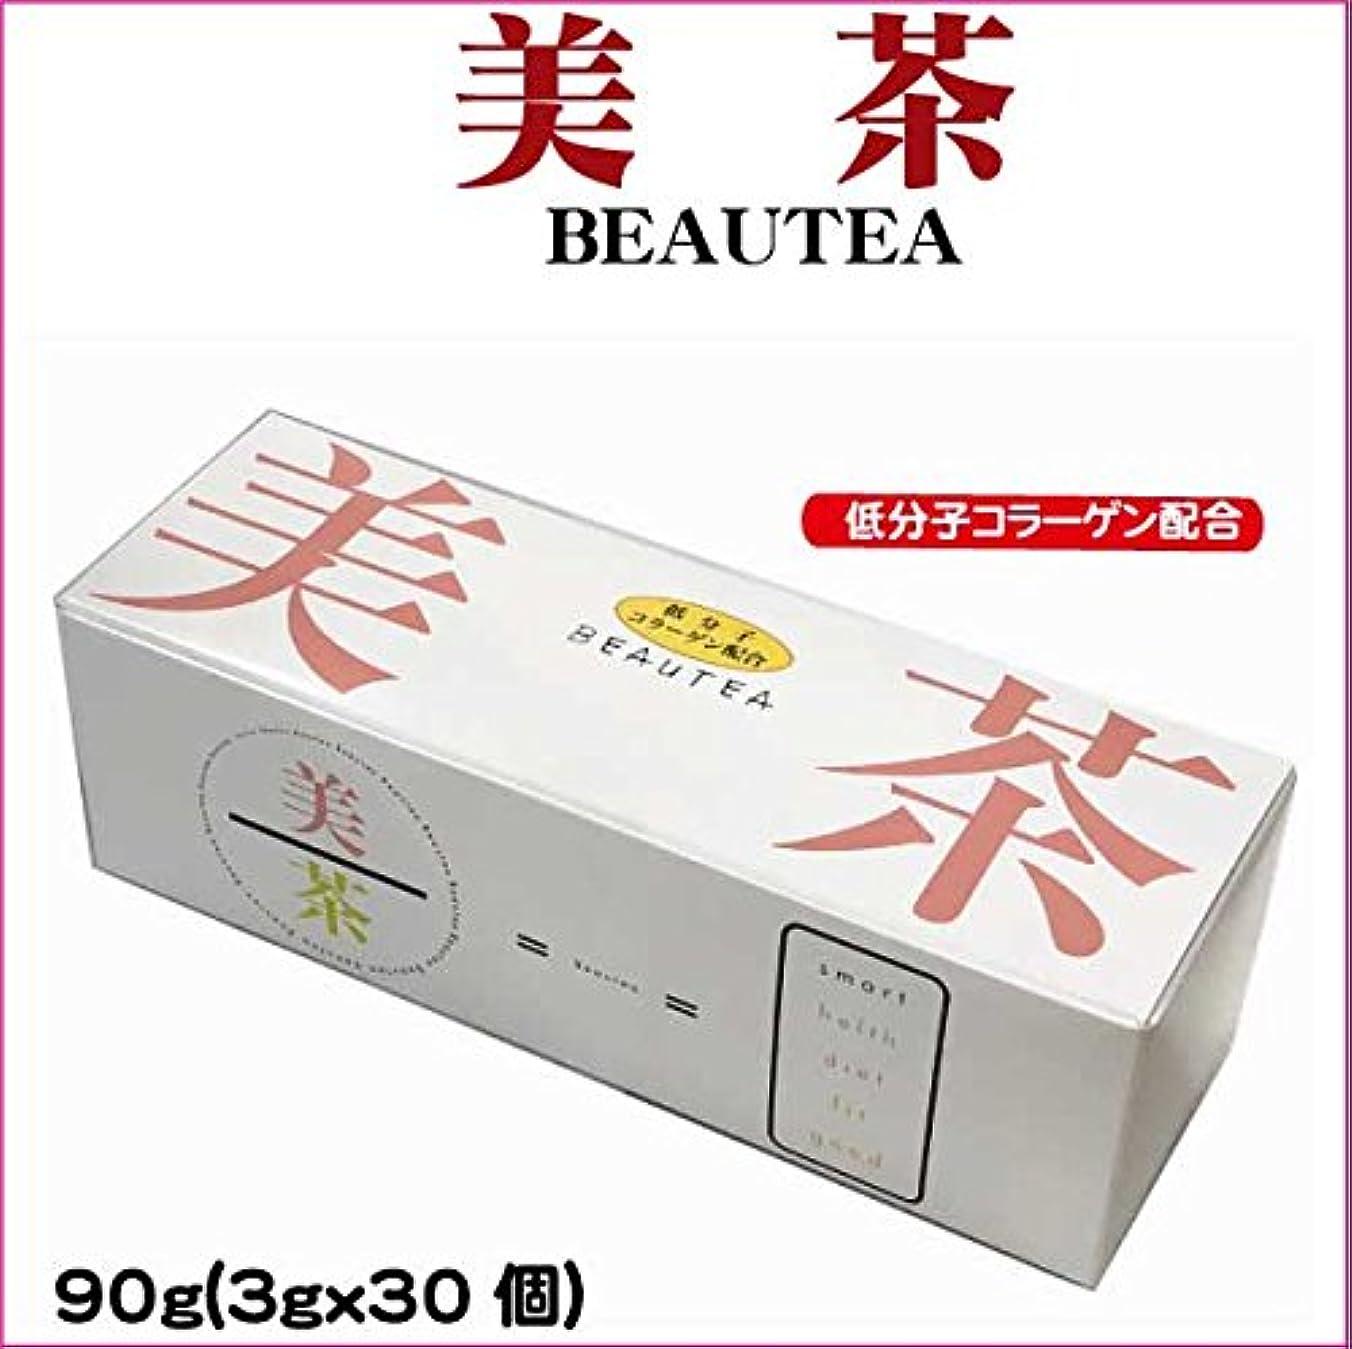 誤マネージャーさせるダイエット茶  美茶(beautea)  ほうじ茶ベース?3gX30包み 1箱